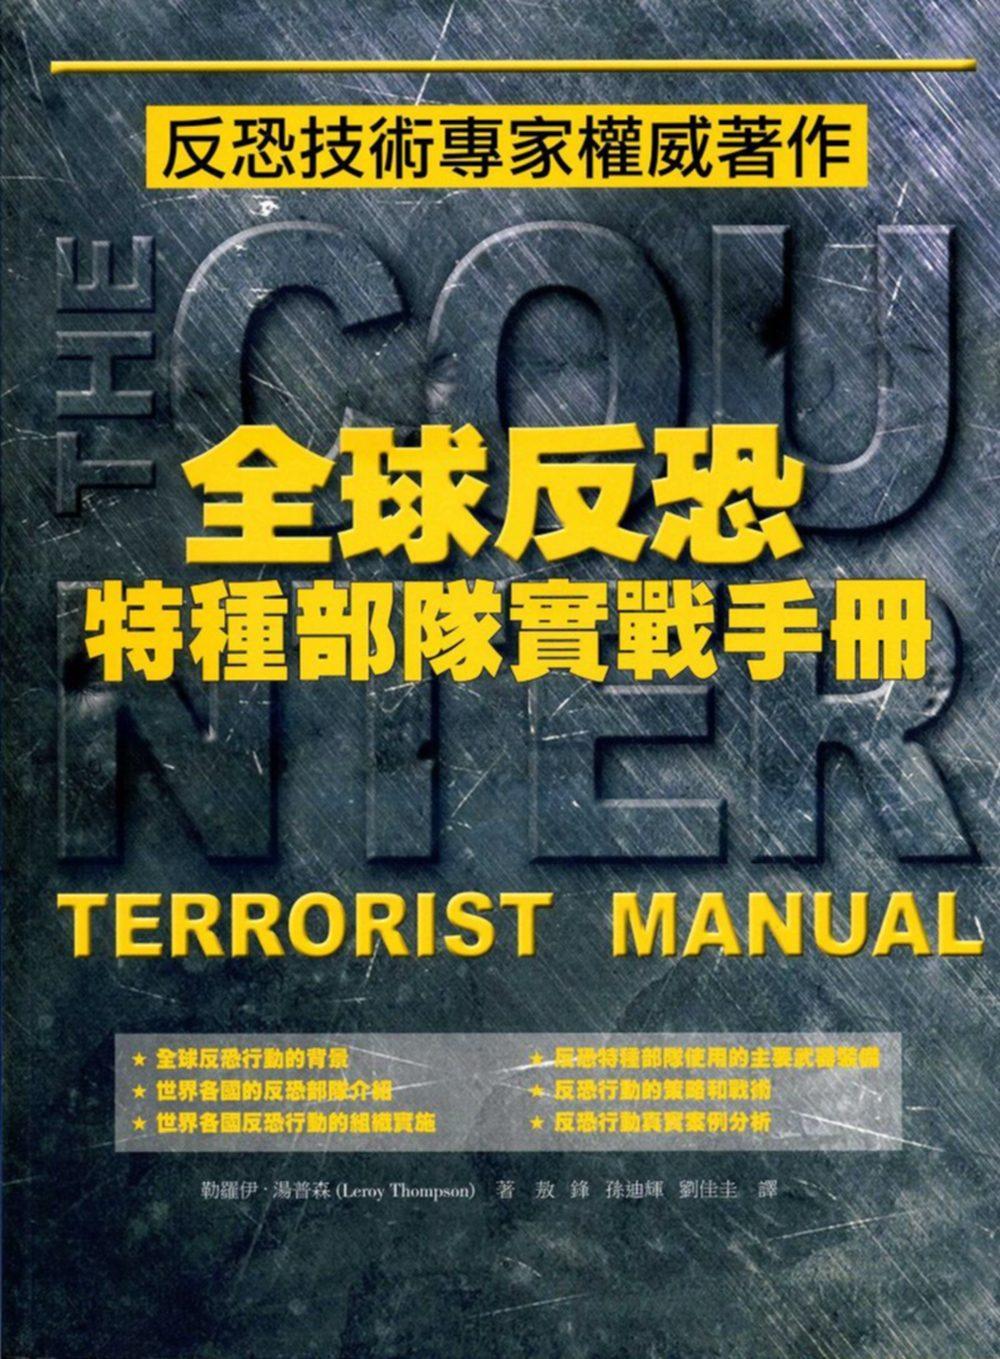 全球反恐特種部隊實戰手冊